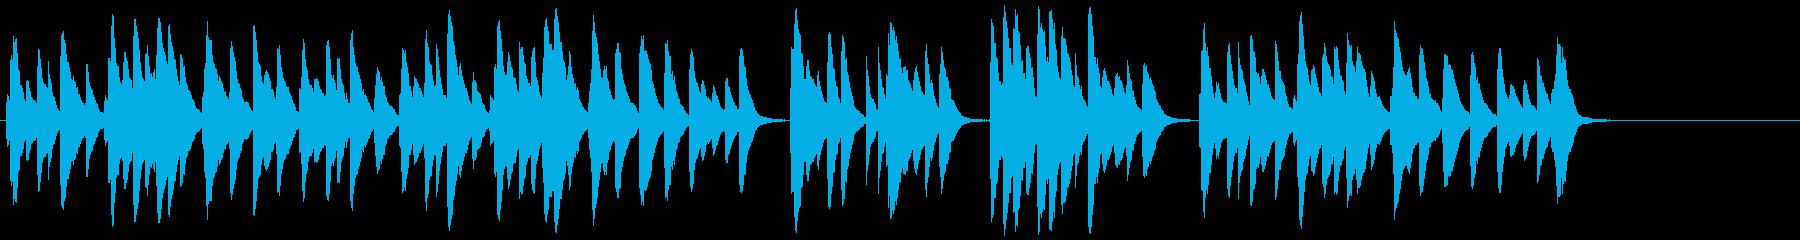 せつなくてノスタルジーなオルゴール音の再生済みの波形